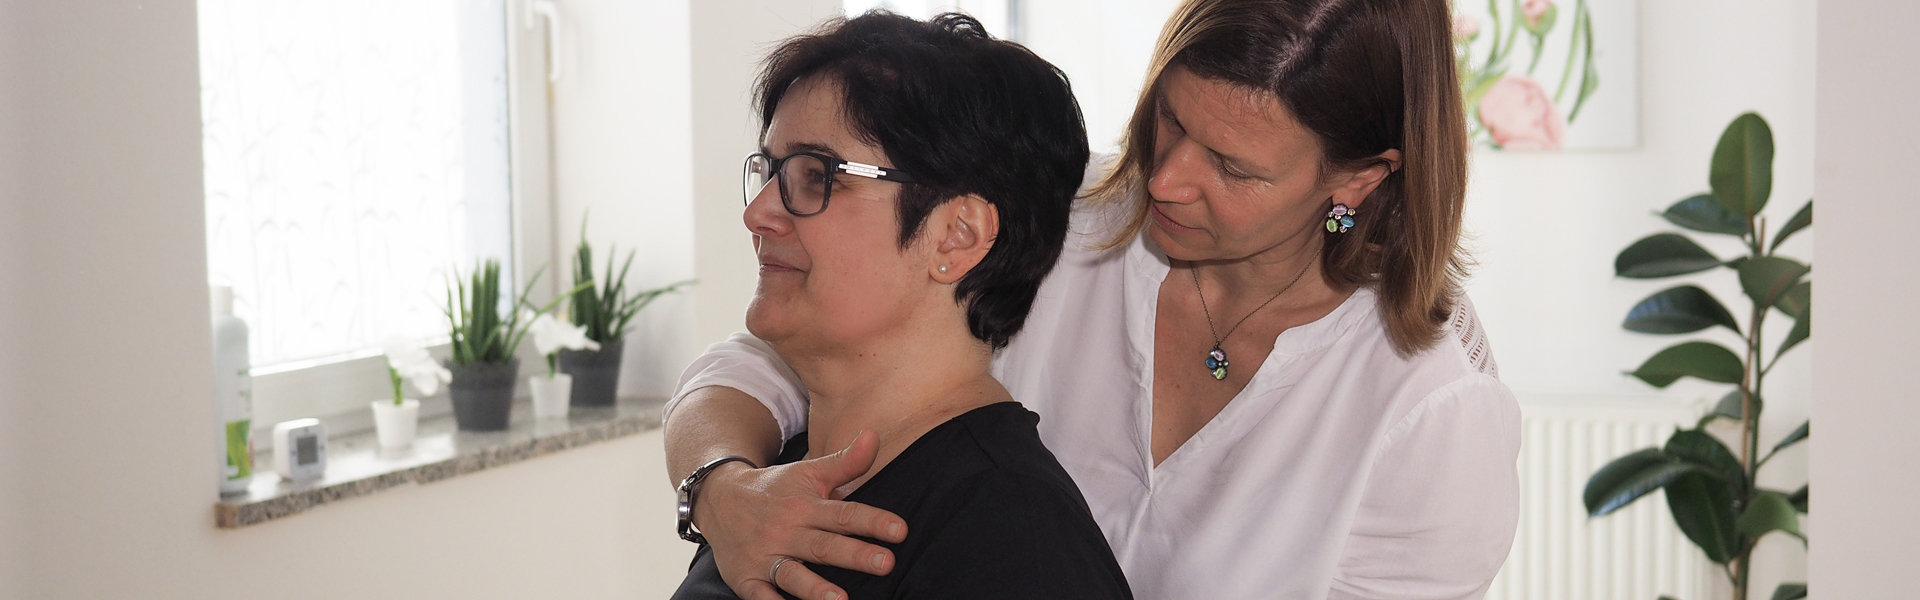 Heilpraktiker Physiotherapie